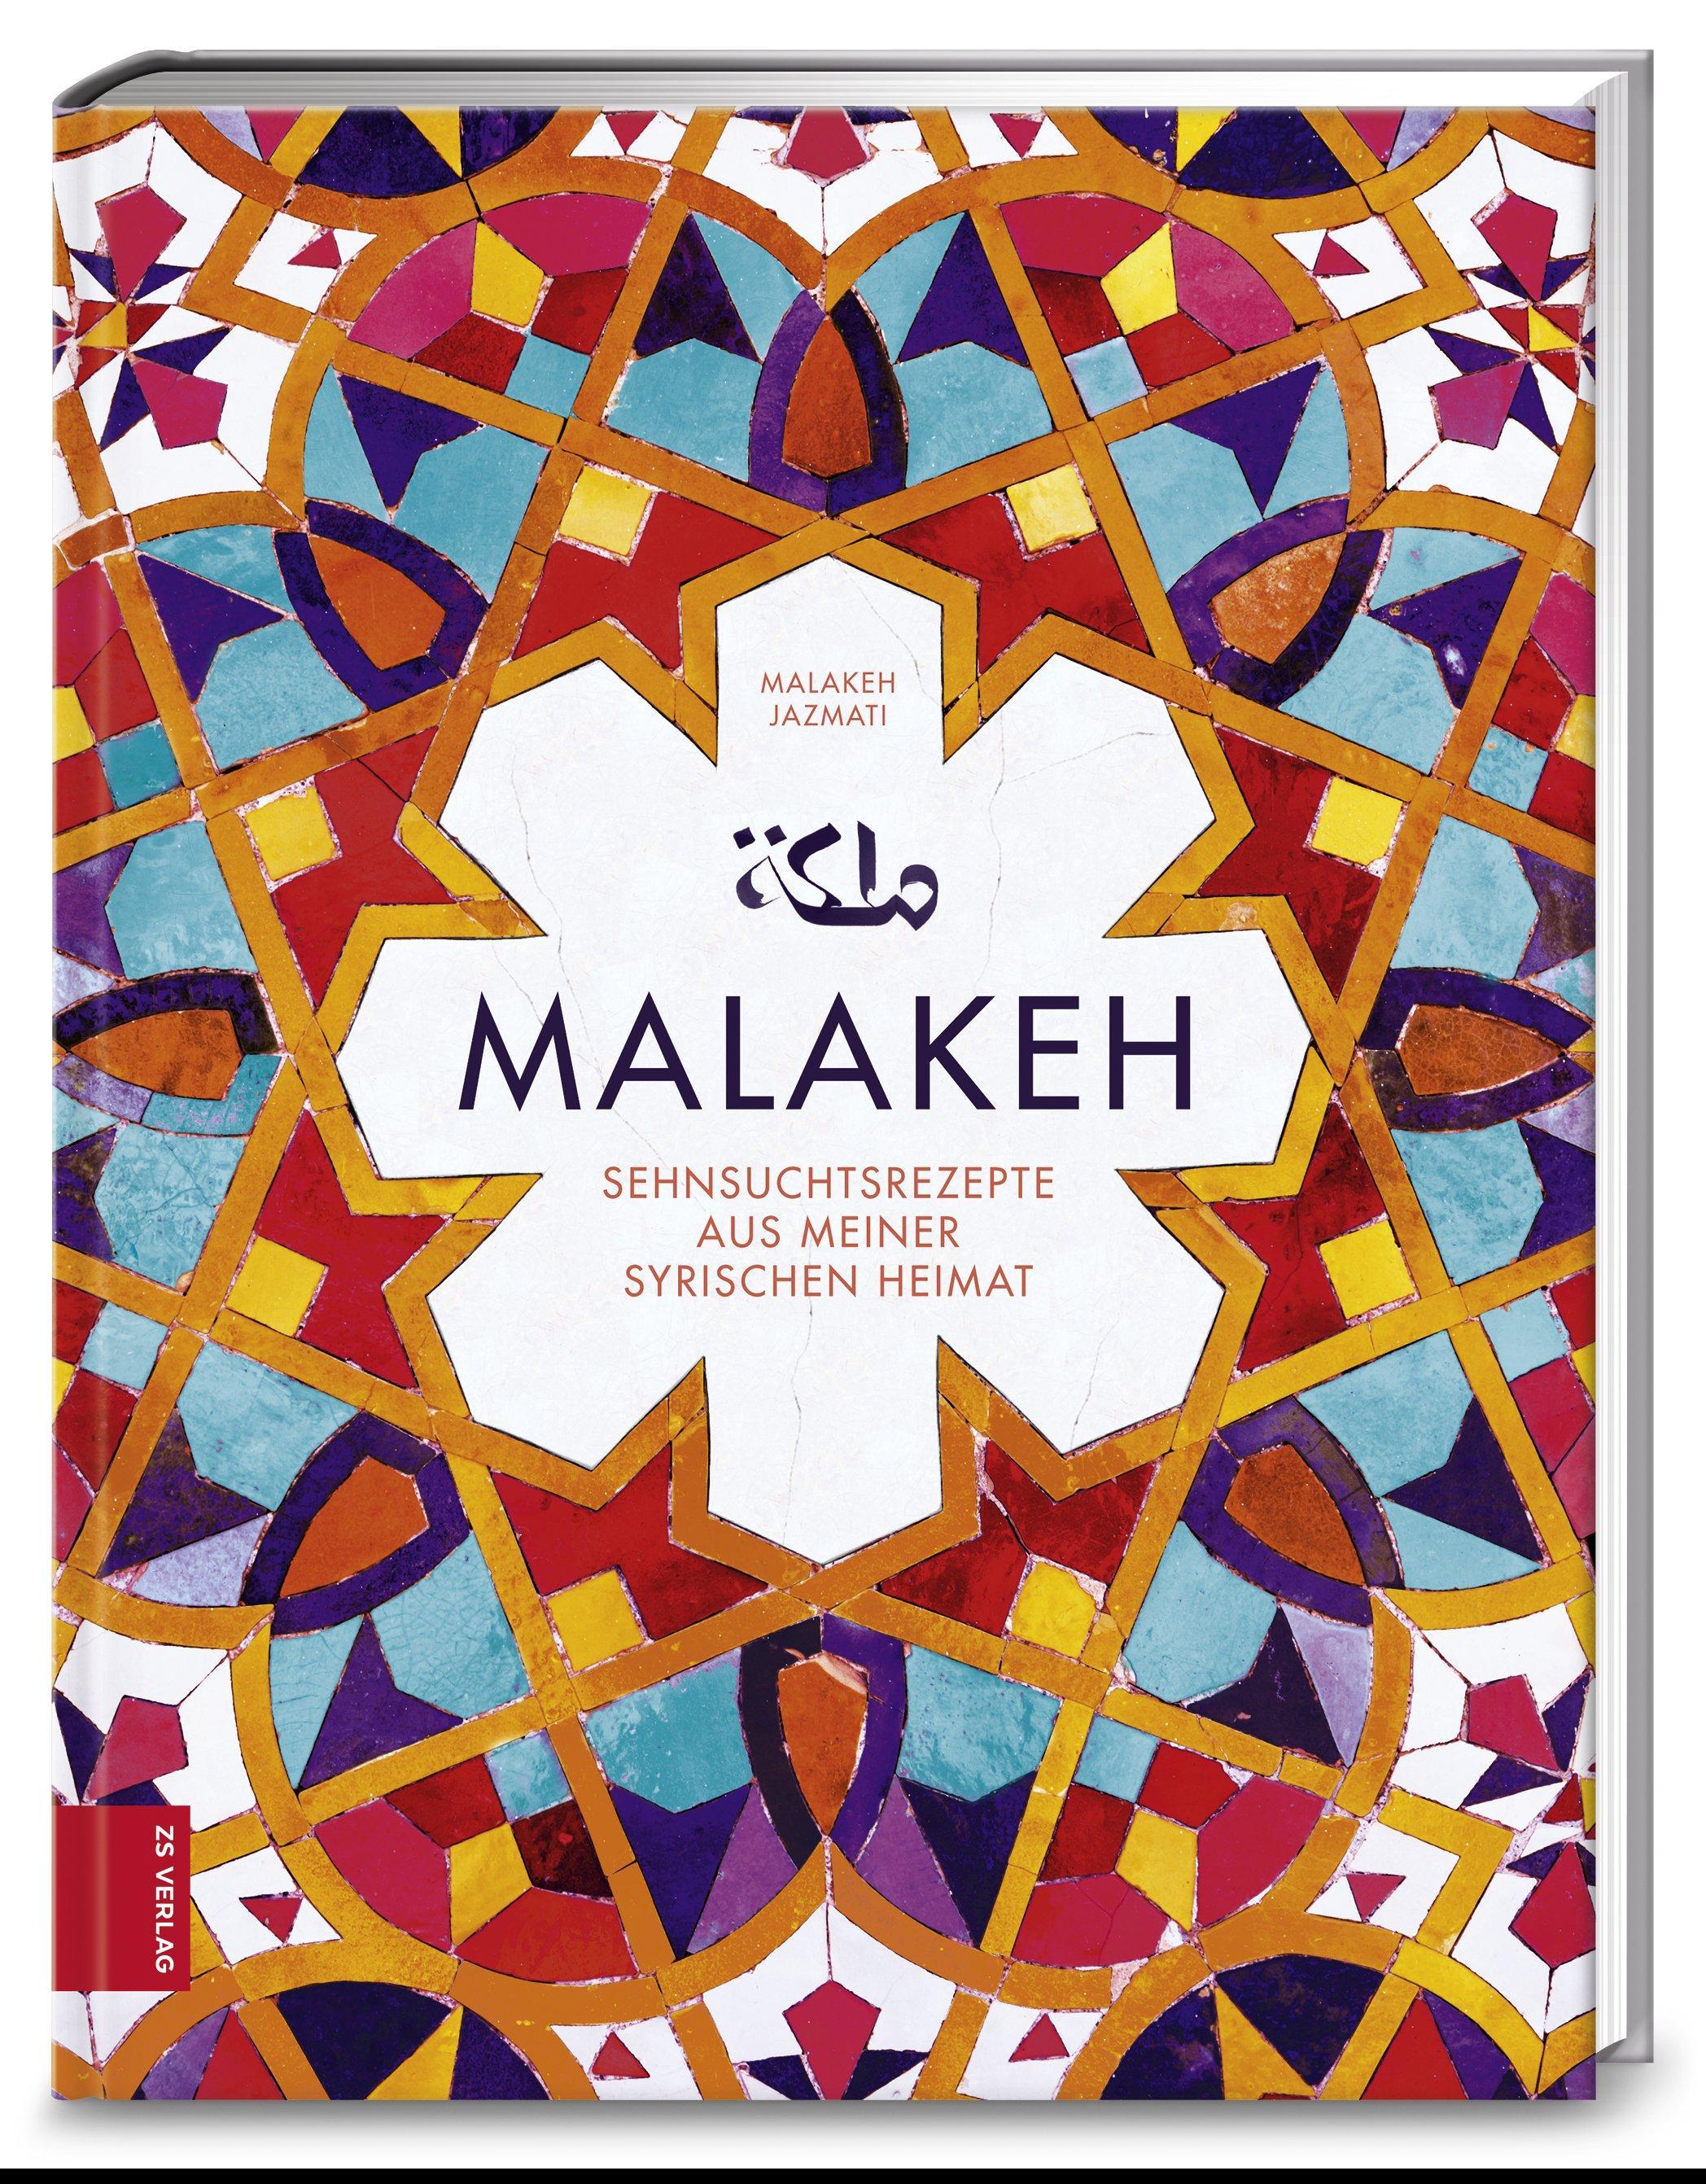 Malakeh-Malakeh-Jazmati